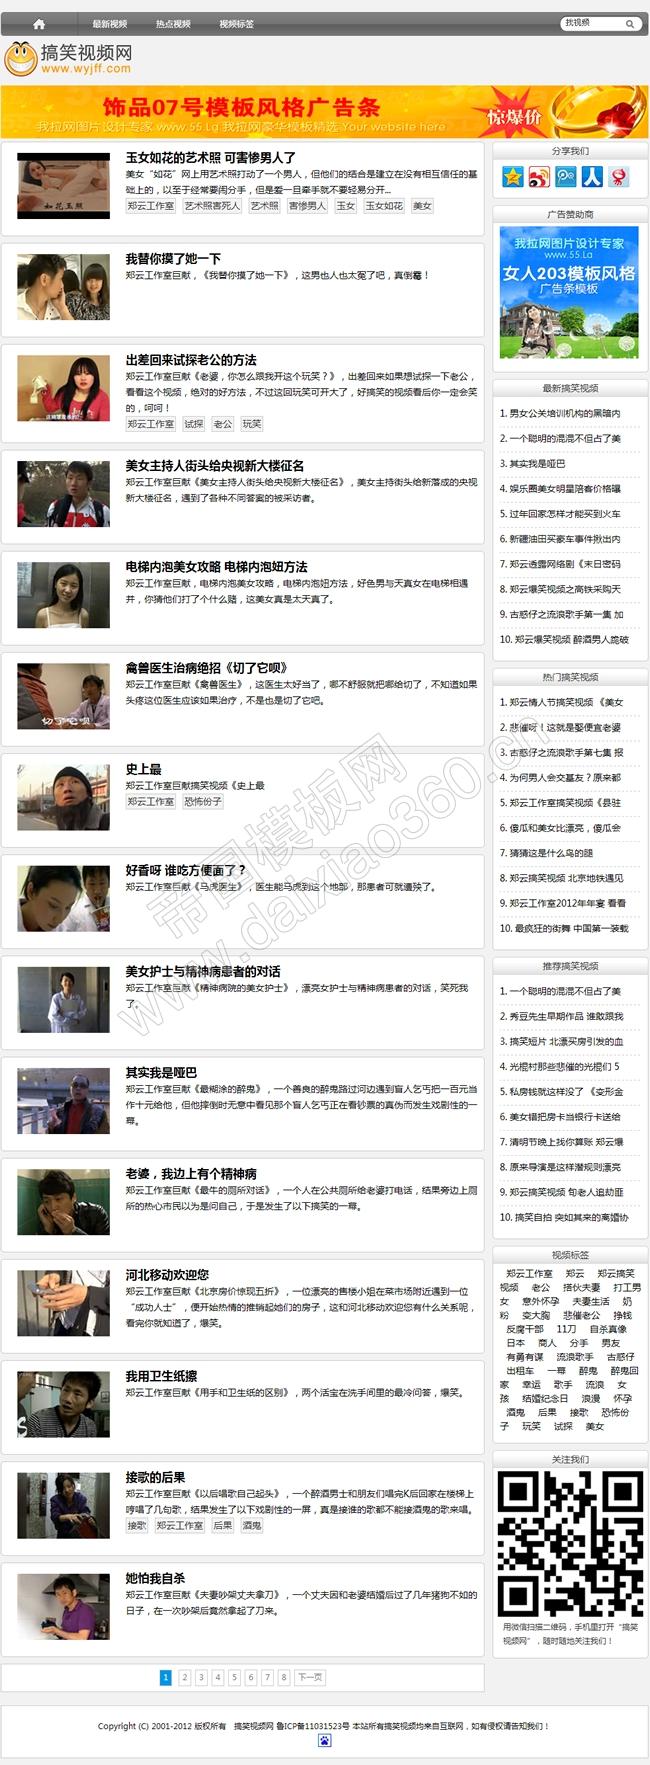 帝国cms博客类型新闻文章图片视频模板_首页